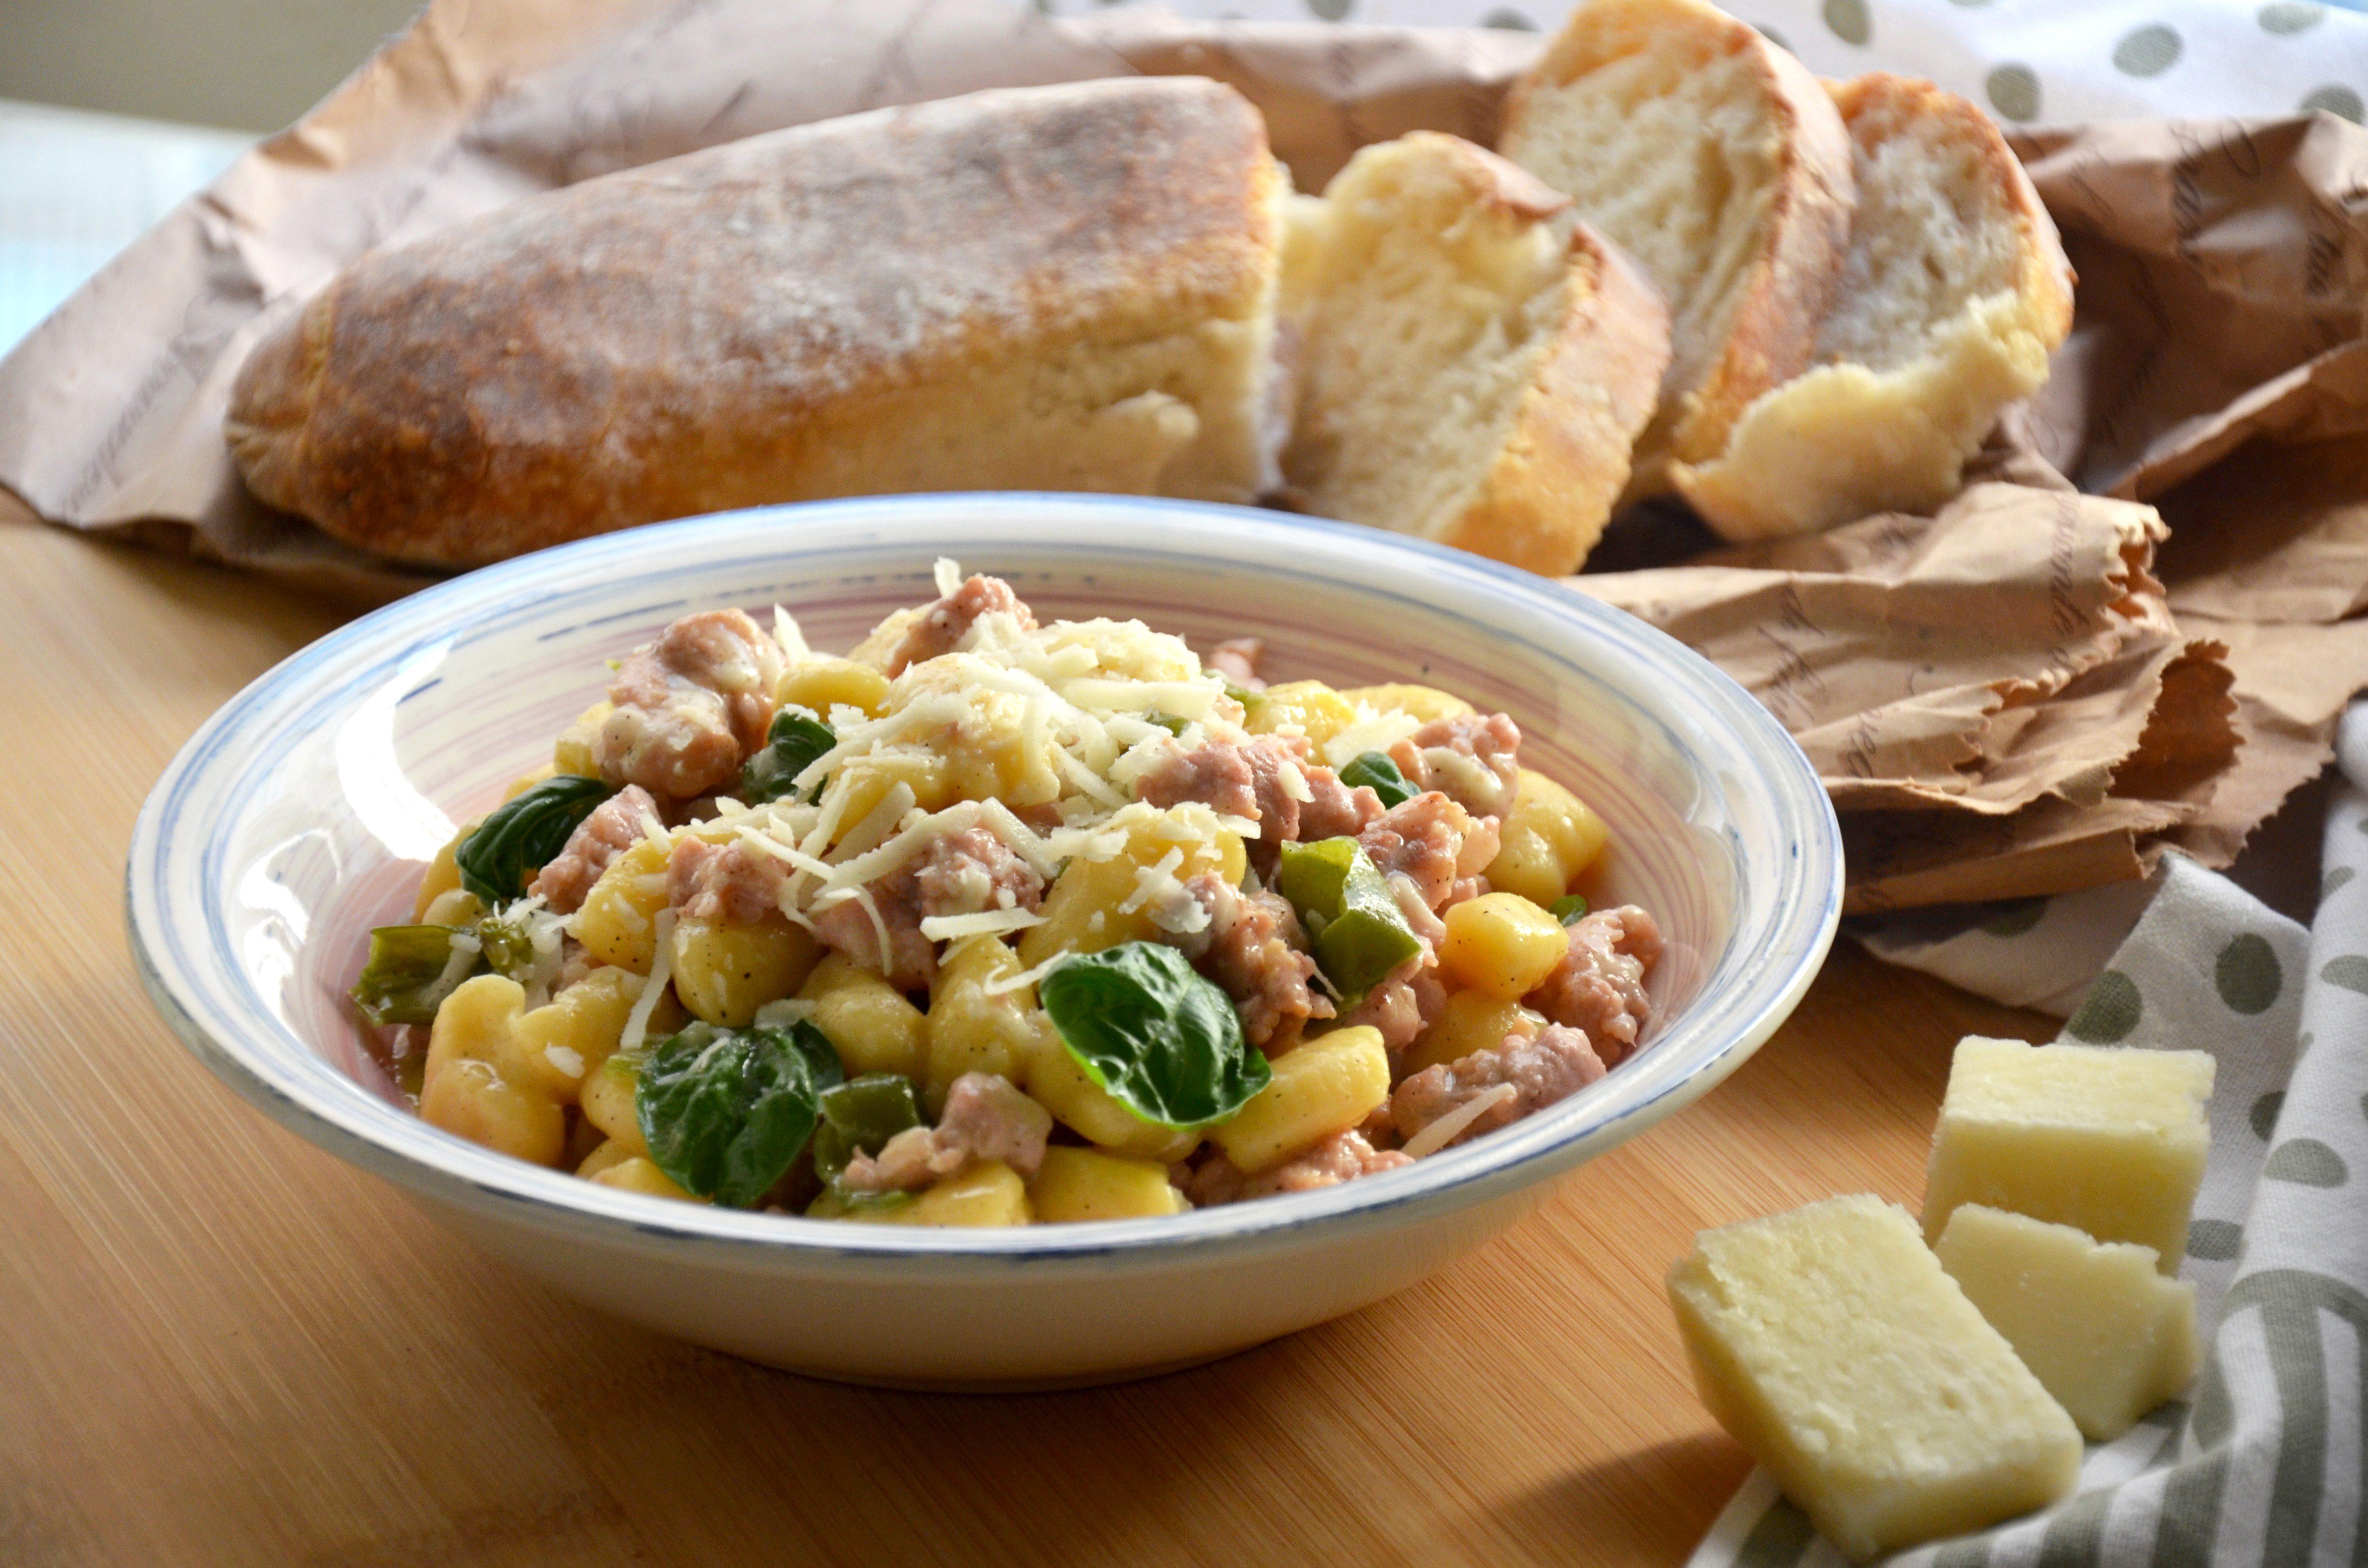 Gnocchi con salsiccia e friggitelli: la ricetta del piatto saporito e cremoso